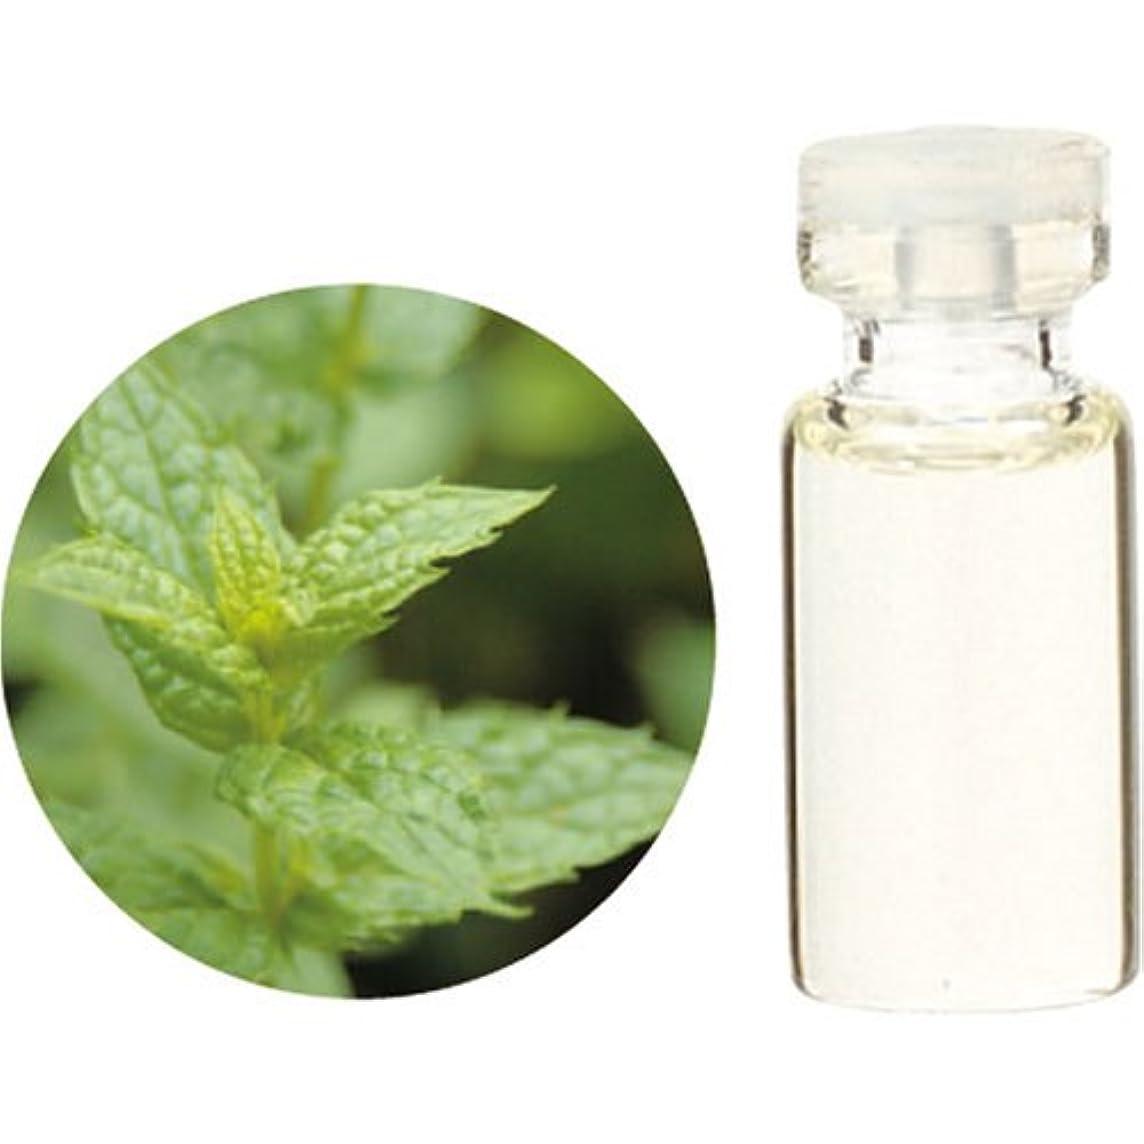 粒美徳圧力Herbal Life スペアミント 10ml